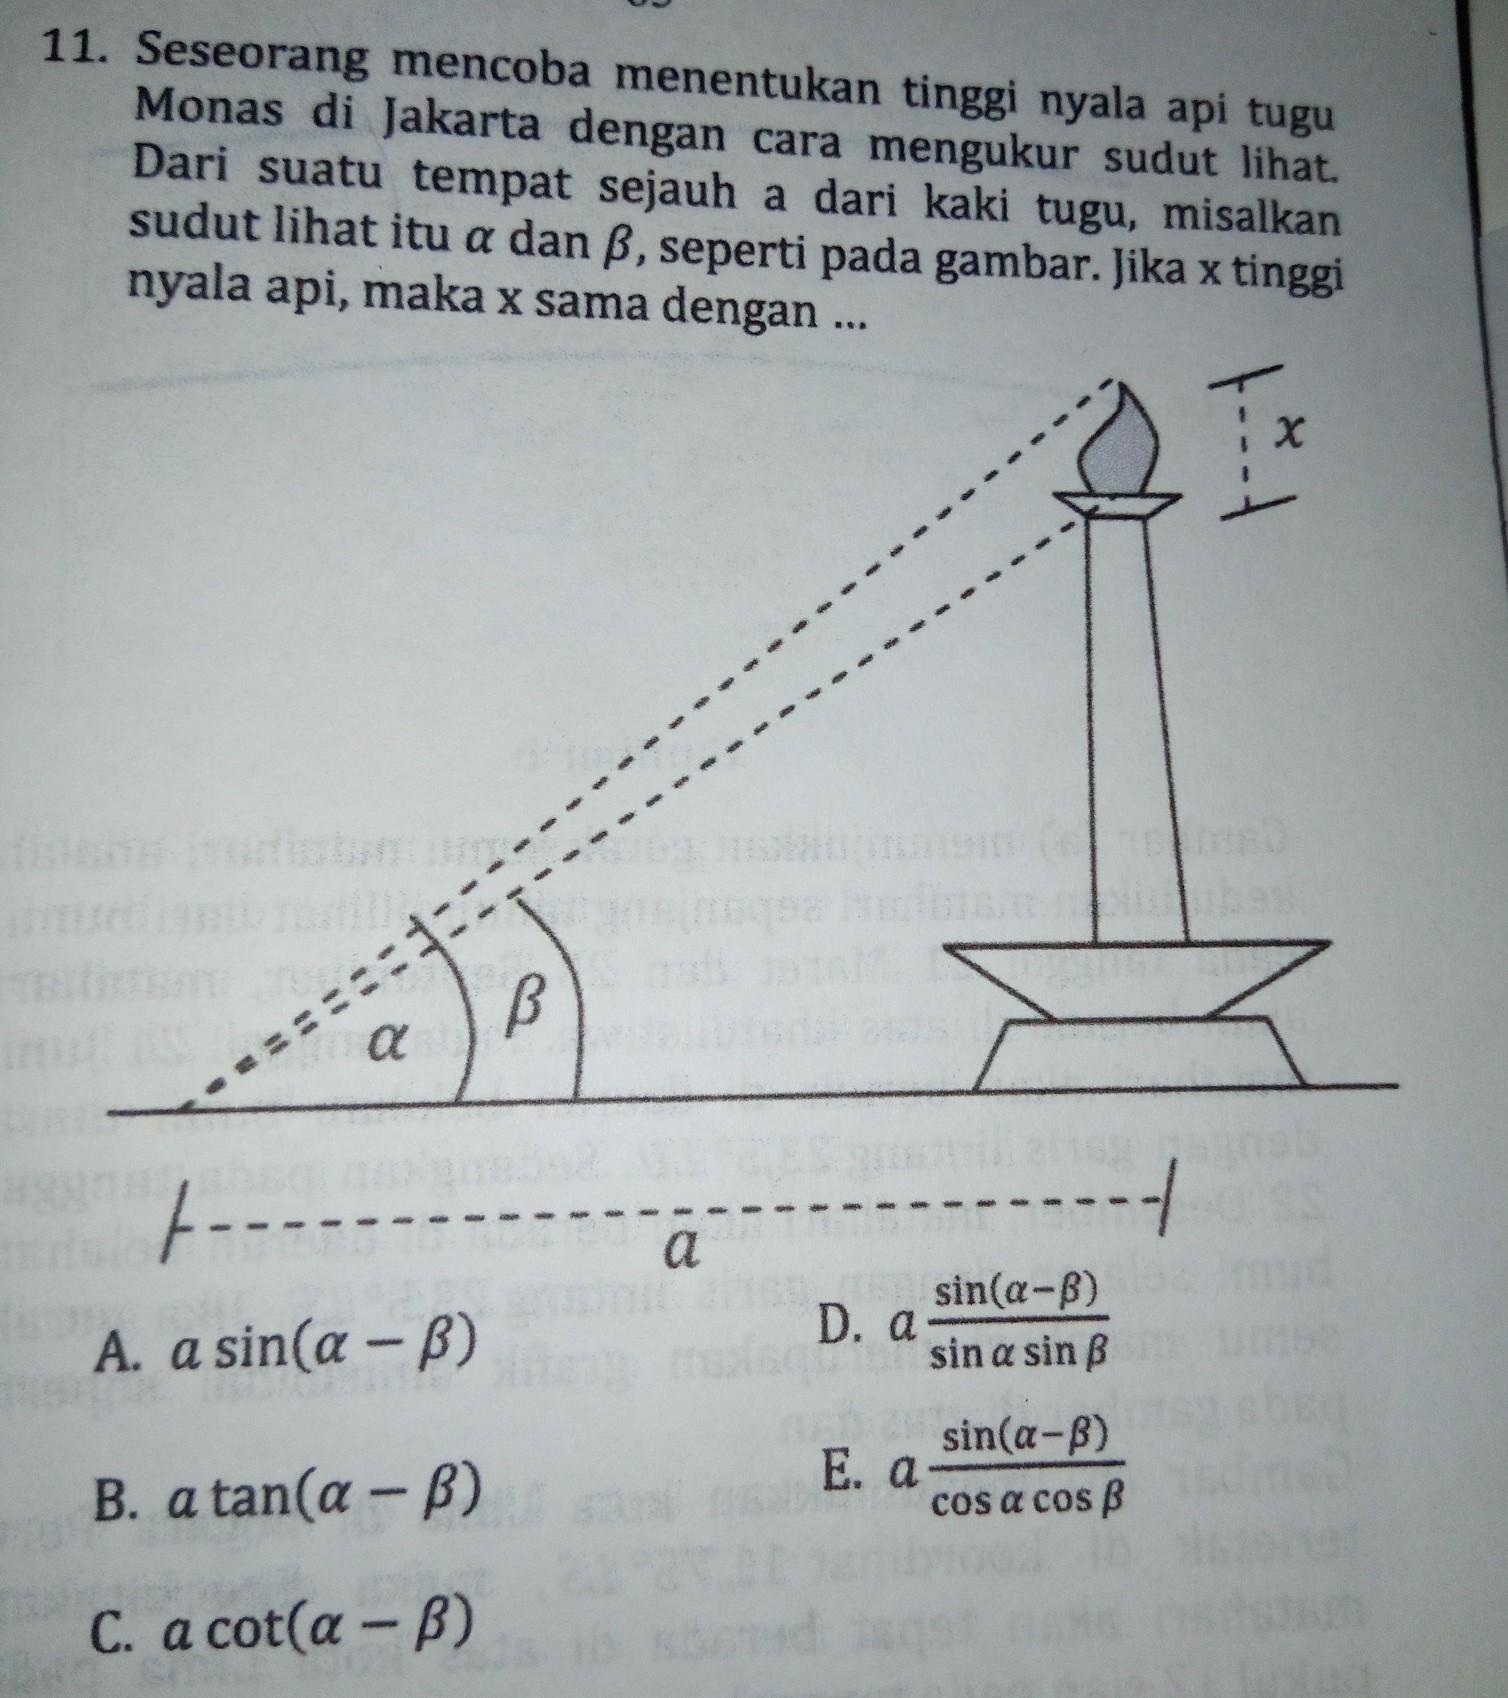 Dalam trigonometri , sudut merupakan hal yang sangat penting yang akan langsung berhubungan dengan nilai trigonometrinya (sin, cos, tan, sec, cossec, dan cot). Seseorang Mencoba Menentukan Tinggi Nyala Api Tugu Monas Di Jakarta Dengan Cara Mengukur Sudut Brainly Co Id